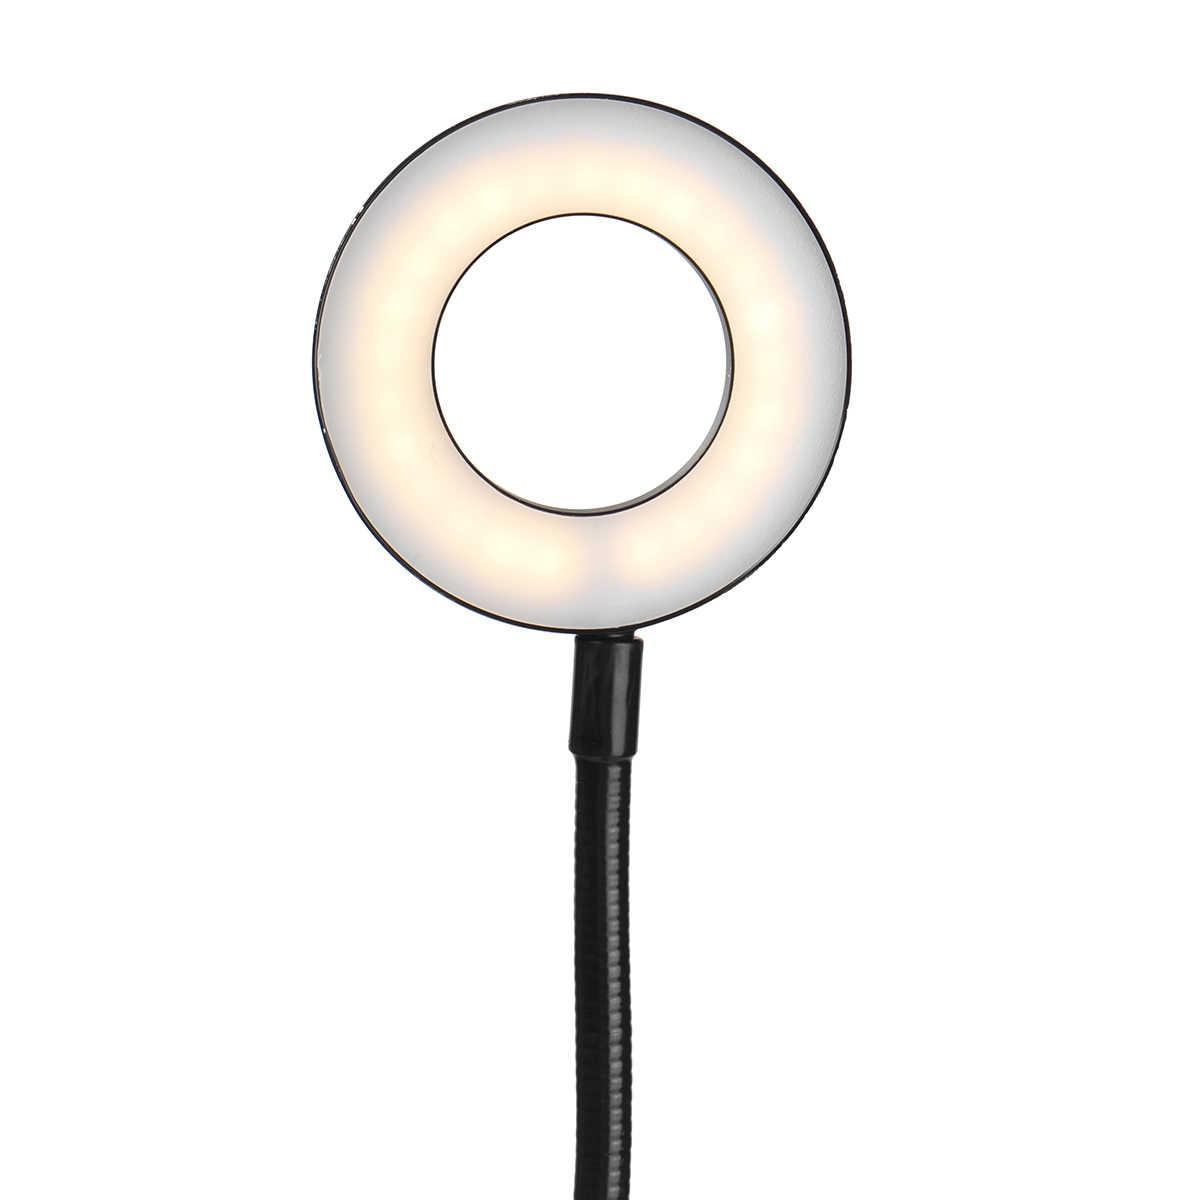 Гибкий Держатель для селфи с живым потоком, светодиодный светильник для камеры с регулируемой яркостью, настольный сотовый телефон, подставка с Двойным Зажимом, кронштейн для Facebook